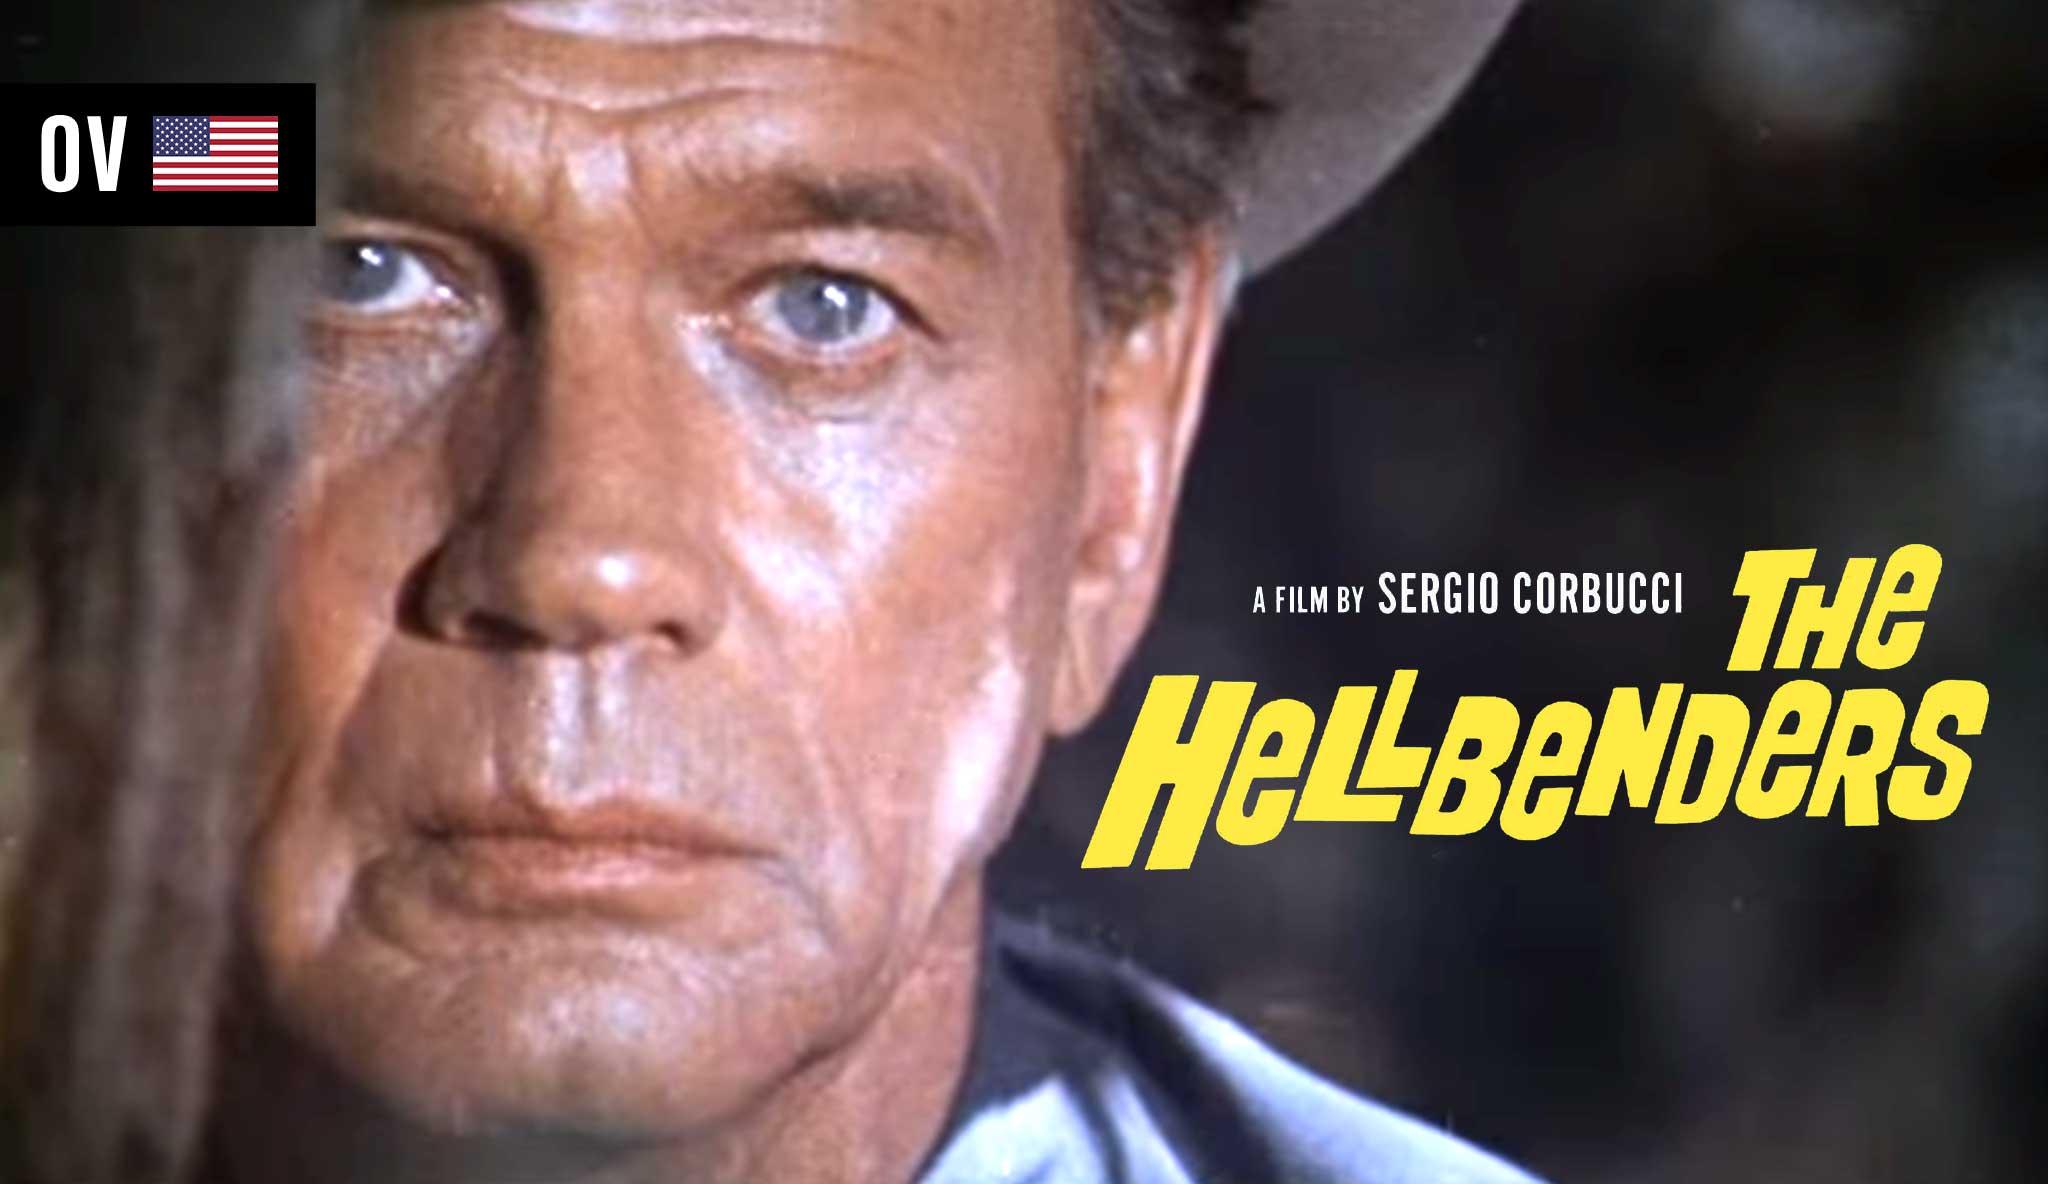 the-hellbenders\header.jpg